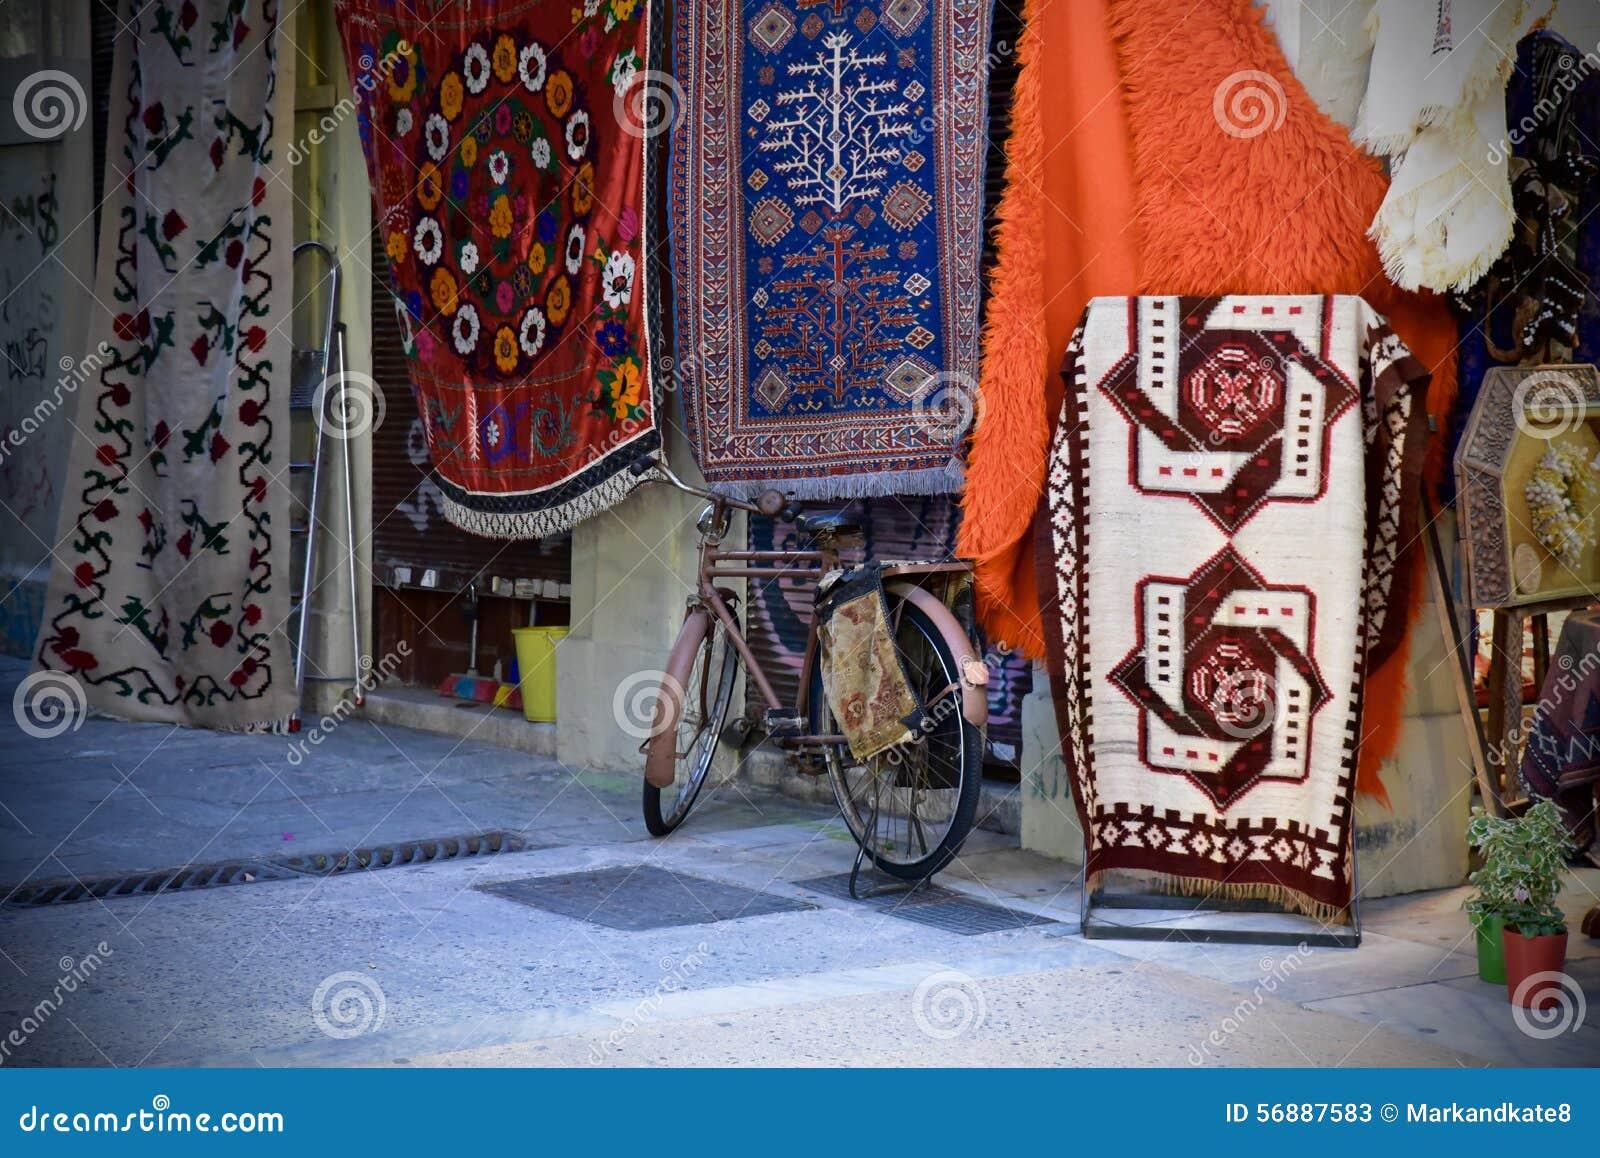 Bicykl parkujący przed dywanika sklepem w Ateny, Grecja